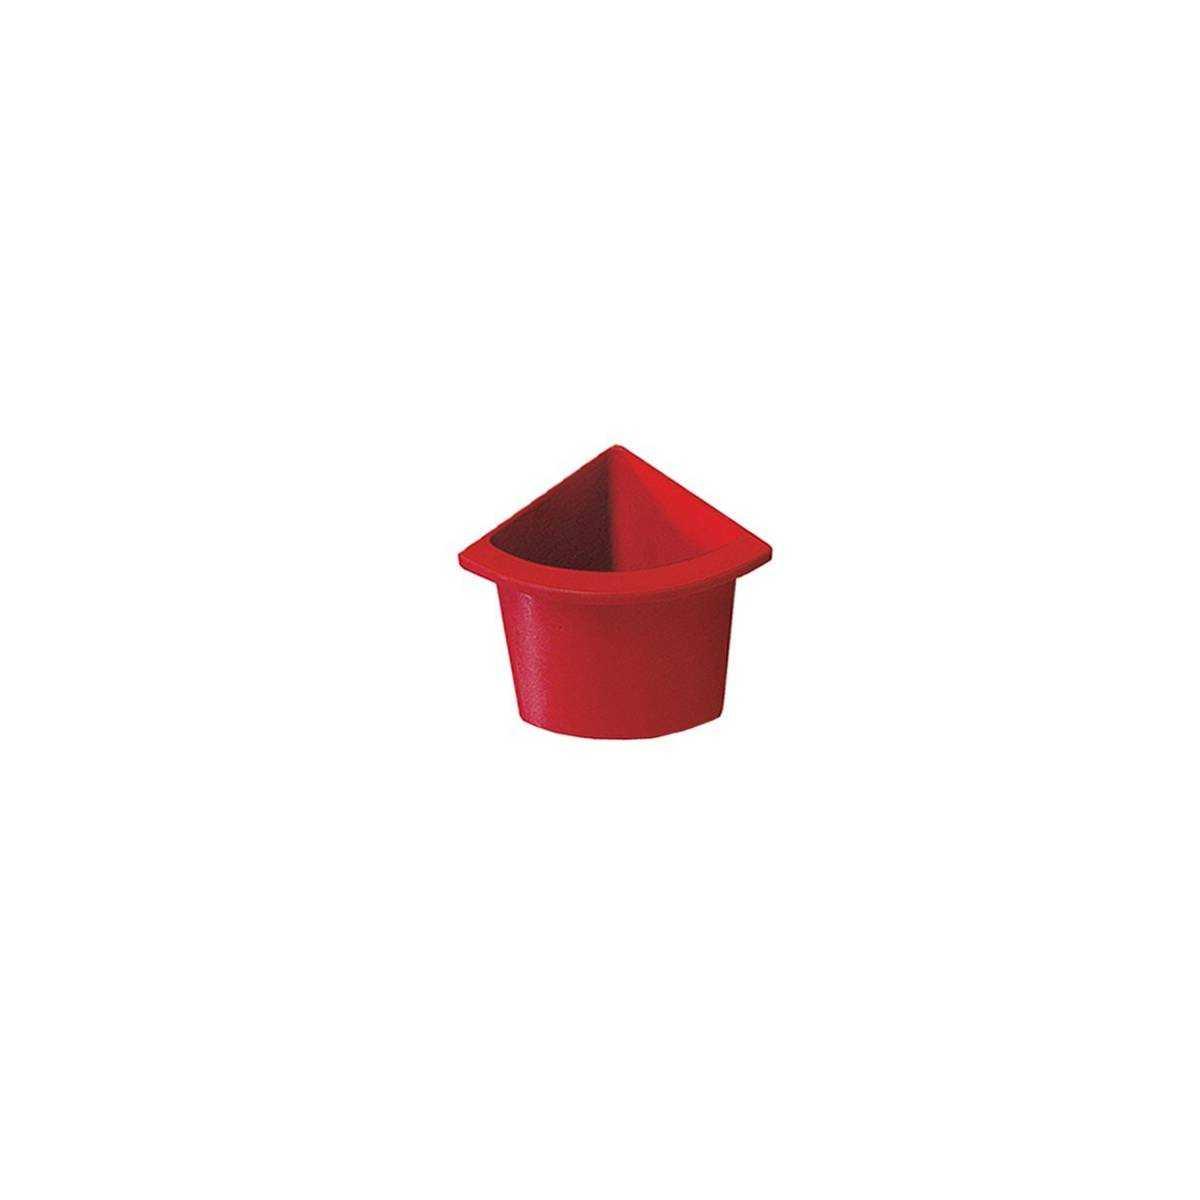 Разделитель урны для мусора ACQUALBA (A54604) для урны A52601 A54604 Mar Plast